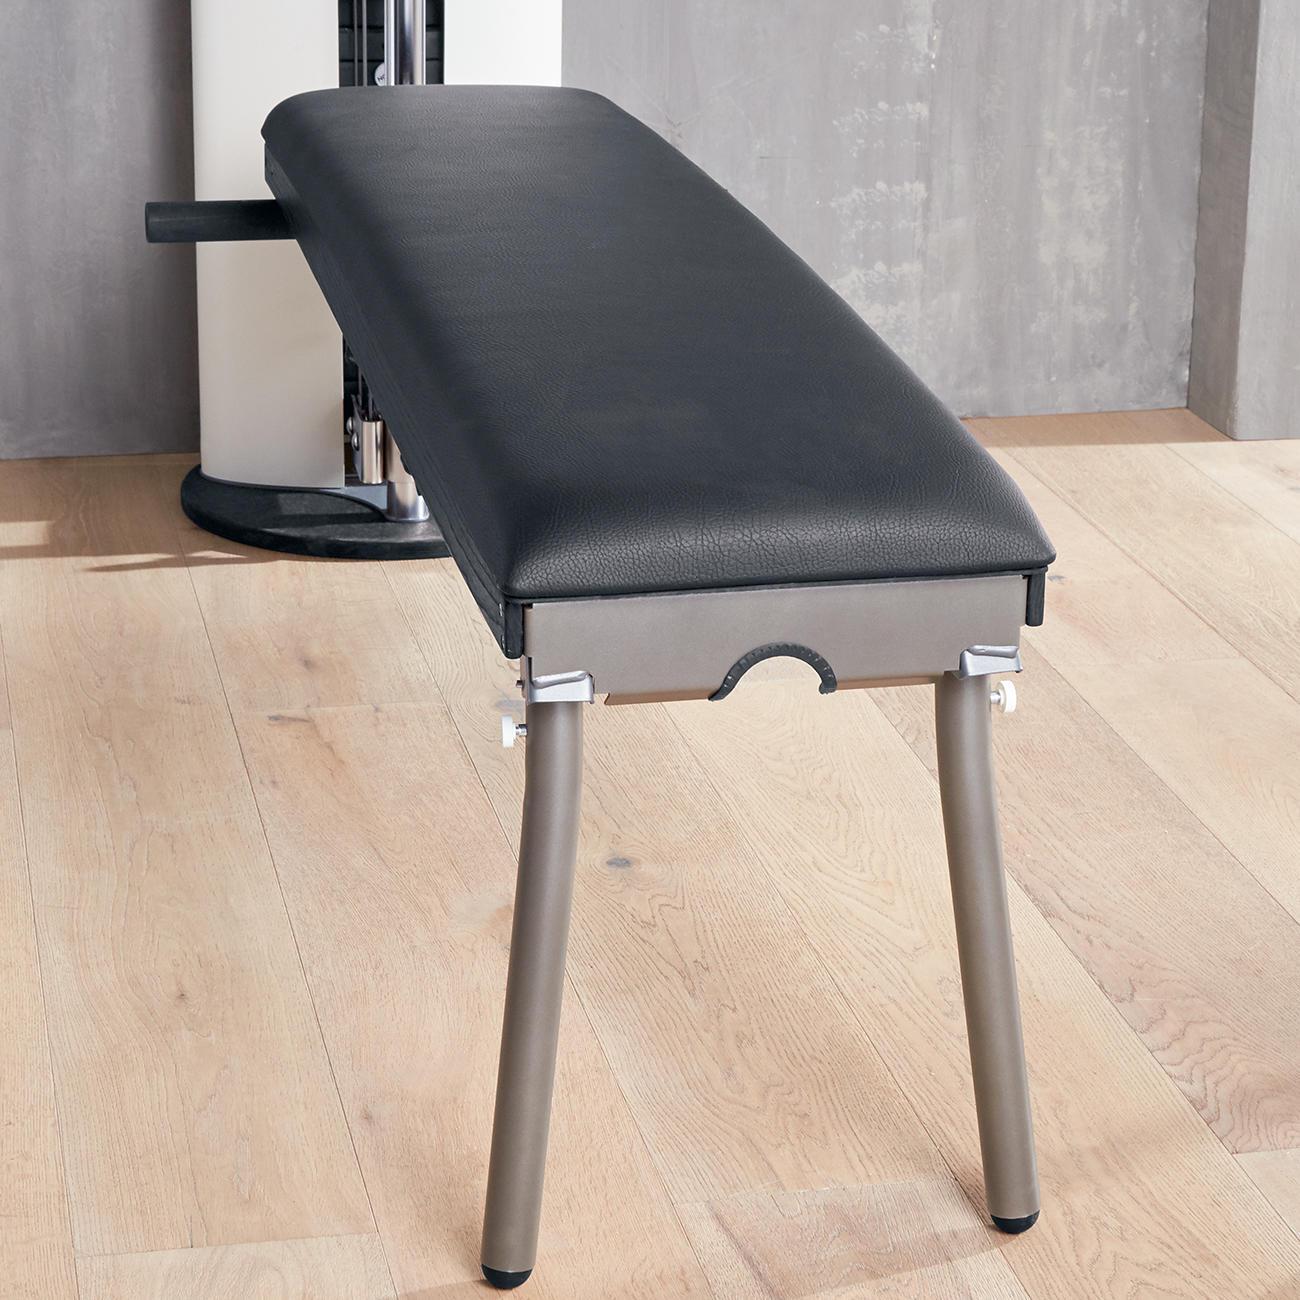 nohr d slim beam seilzugstation hometrainer weiss kaufen. Black Bedroom Furniture Sets. Home Design Ideas